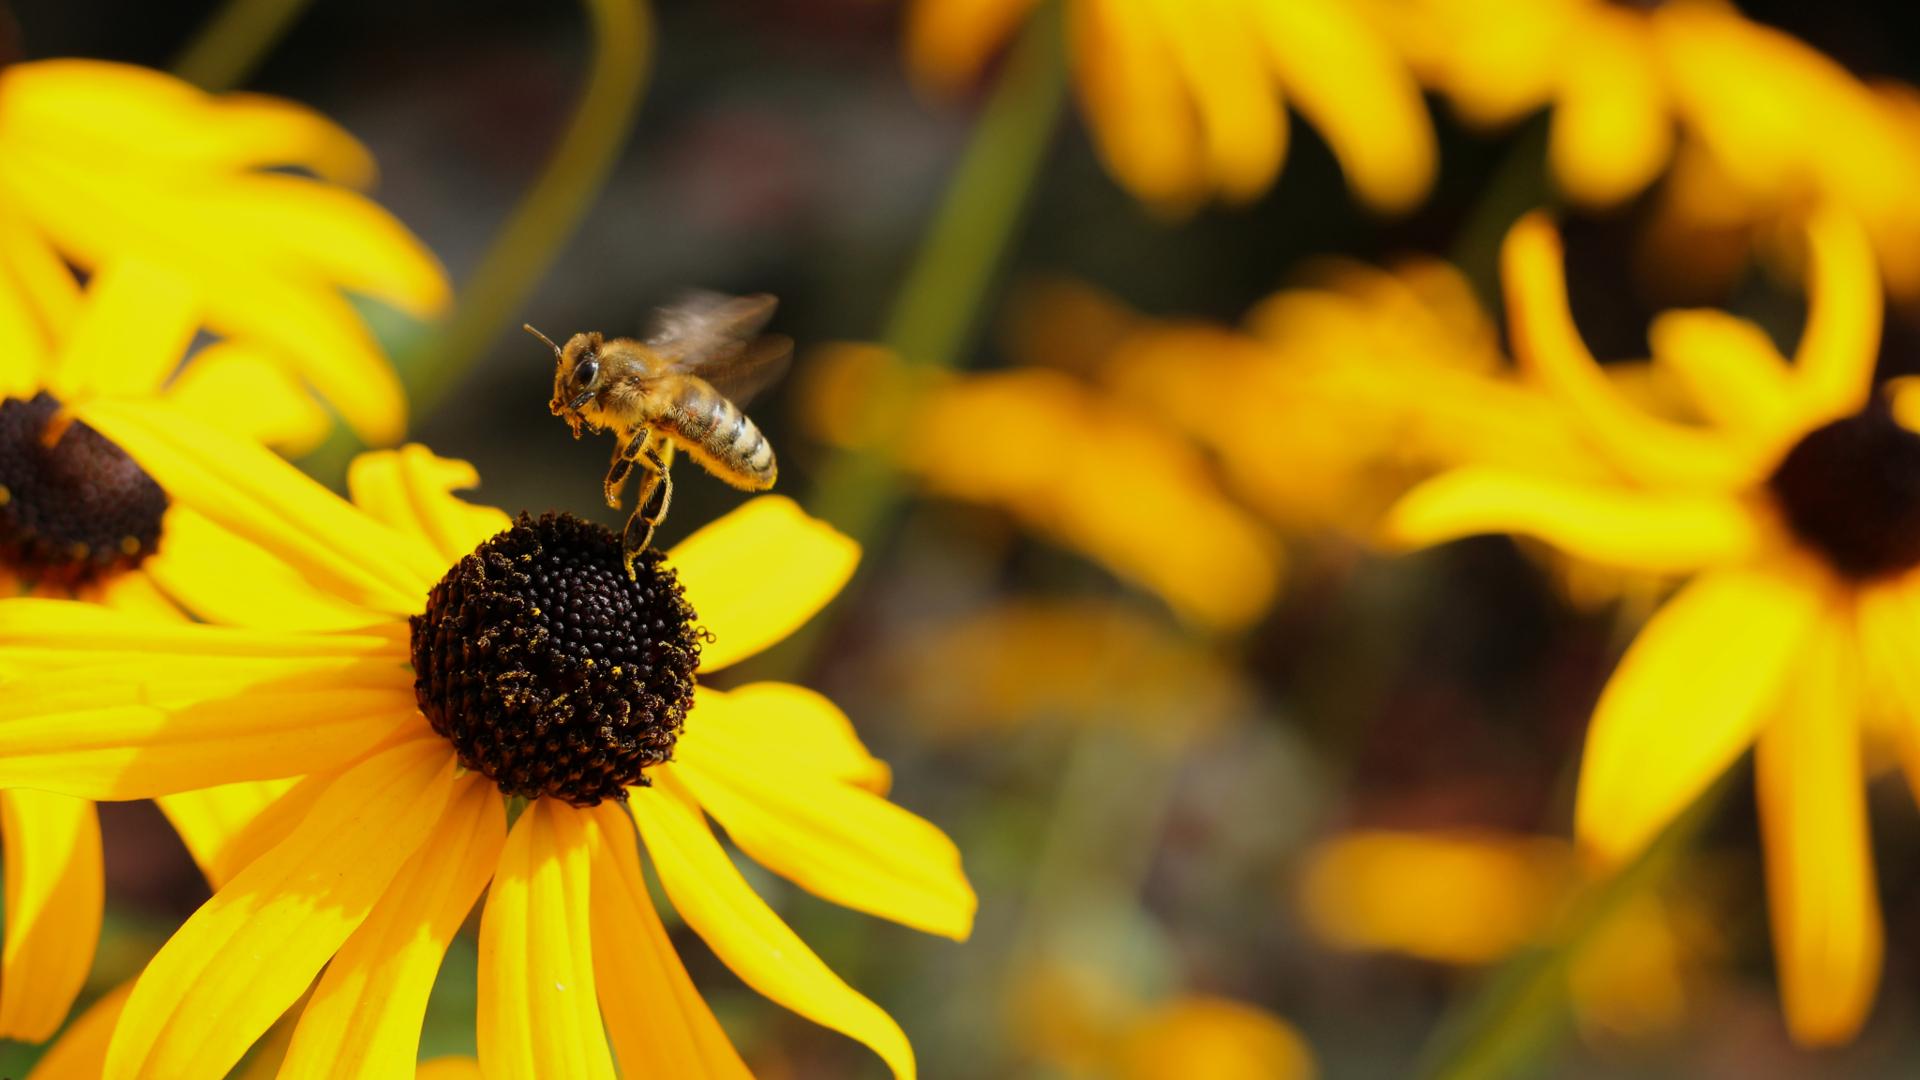 Busy Bee HD Wallpaper